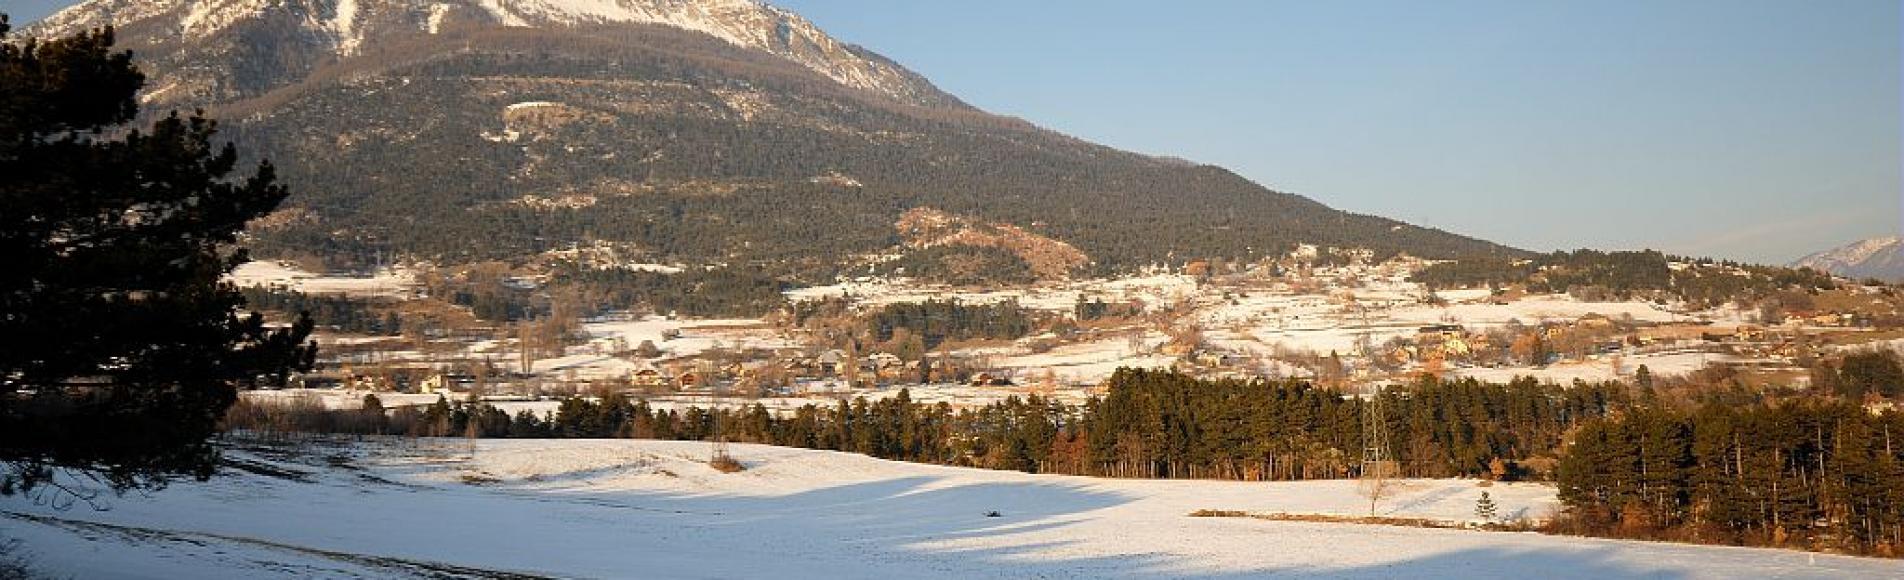 Le plateau des Puys et le mont Guillaume en hiver - Puy Sanières ©Mireille Coulon - Parc national des Ecrins